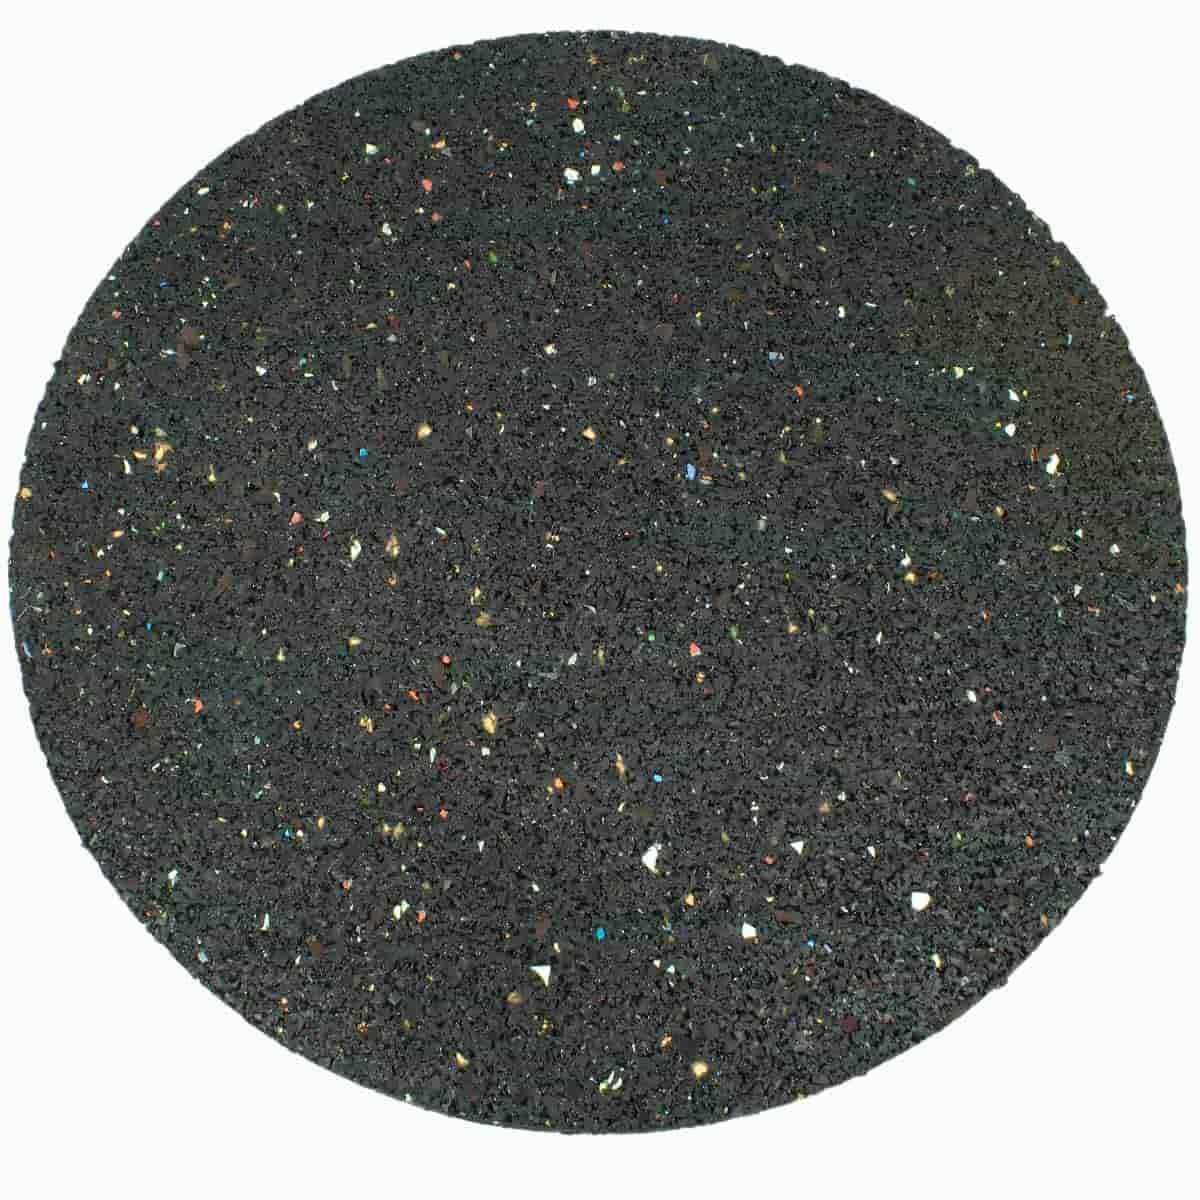 Dalle ronde caoutchouc recyclé noir - Allée, chemin, gravier